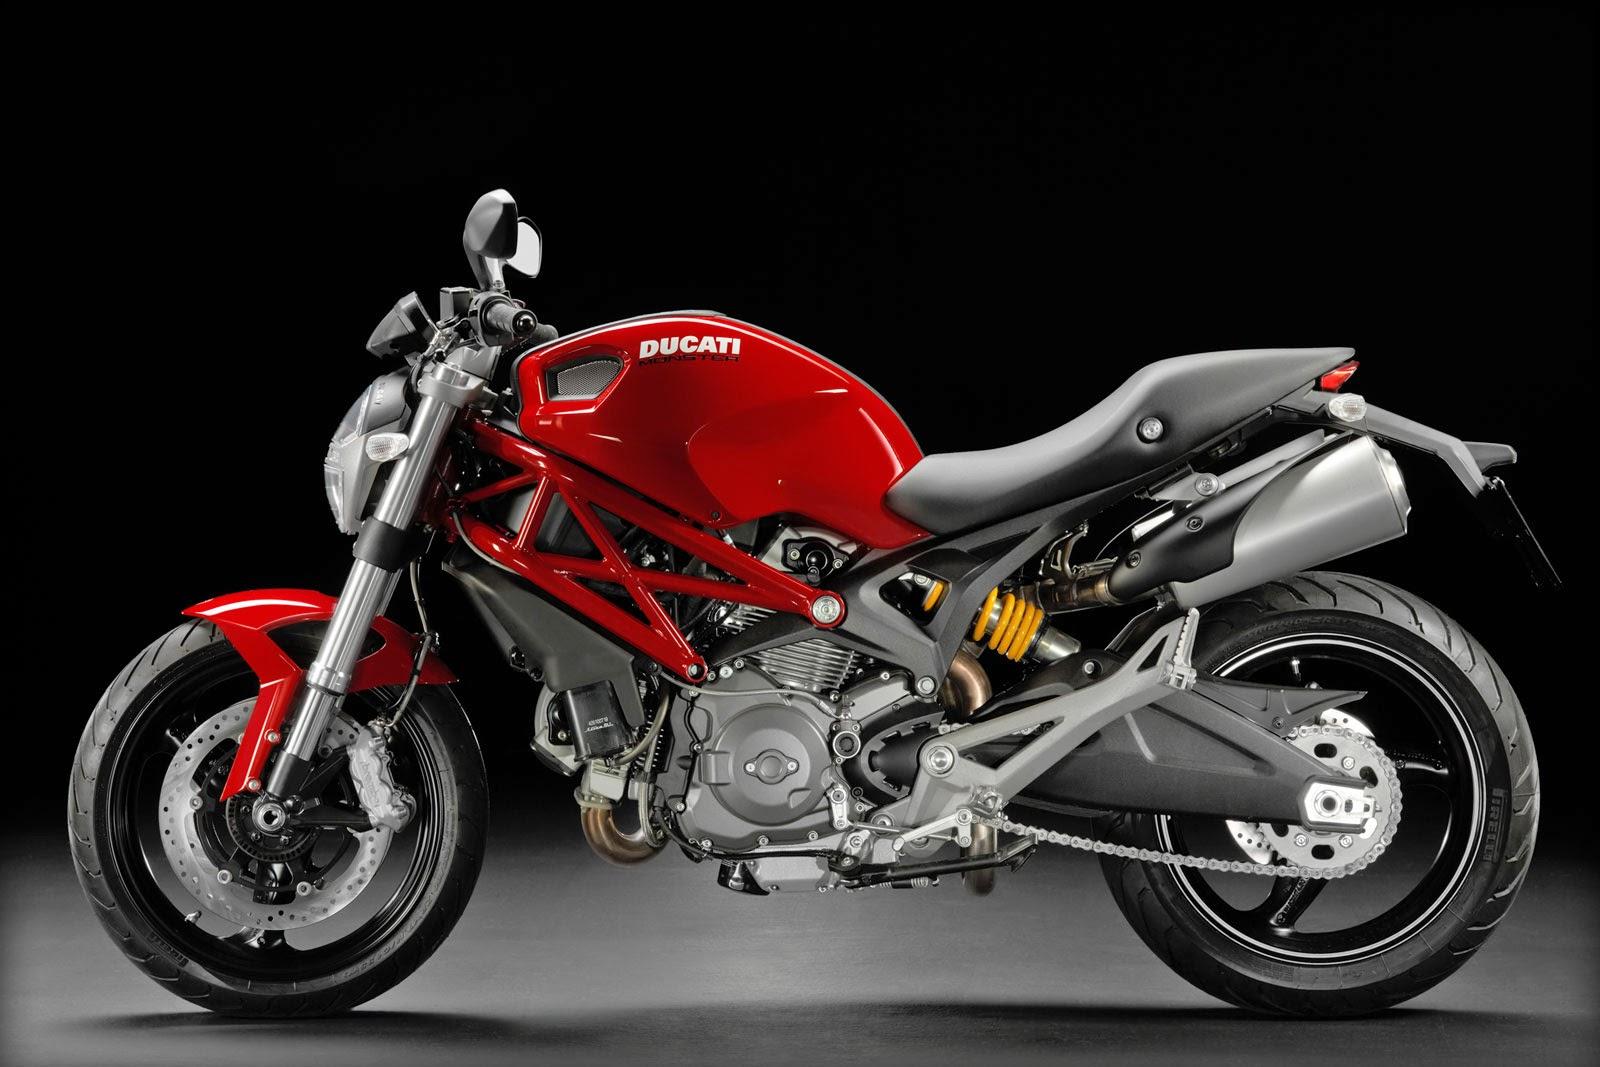 Ducati Monster 795 - Giá Hãng: 10,696 usd - Giá Thị Trường: 17,837 usd